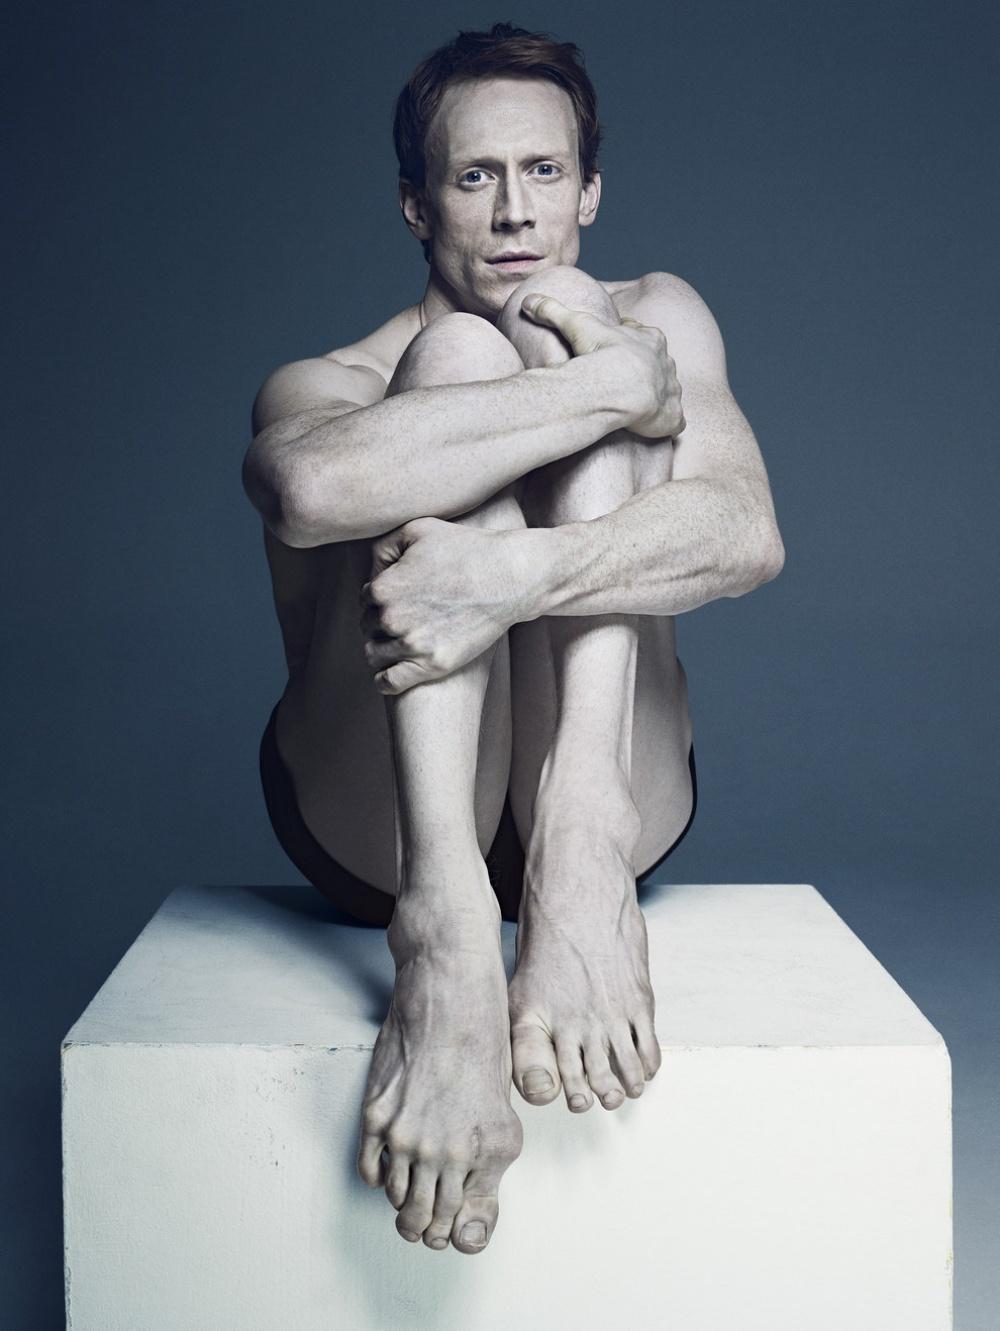 Суровая красота танцоров балетных школ в фотопроекте Рика Геста